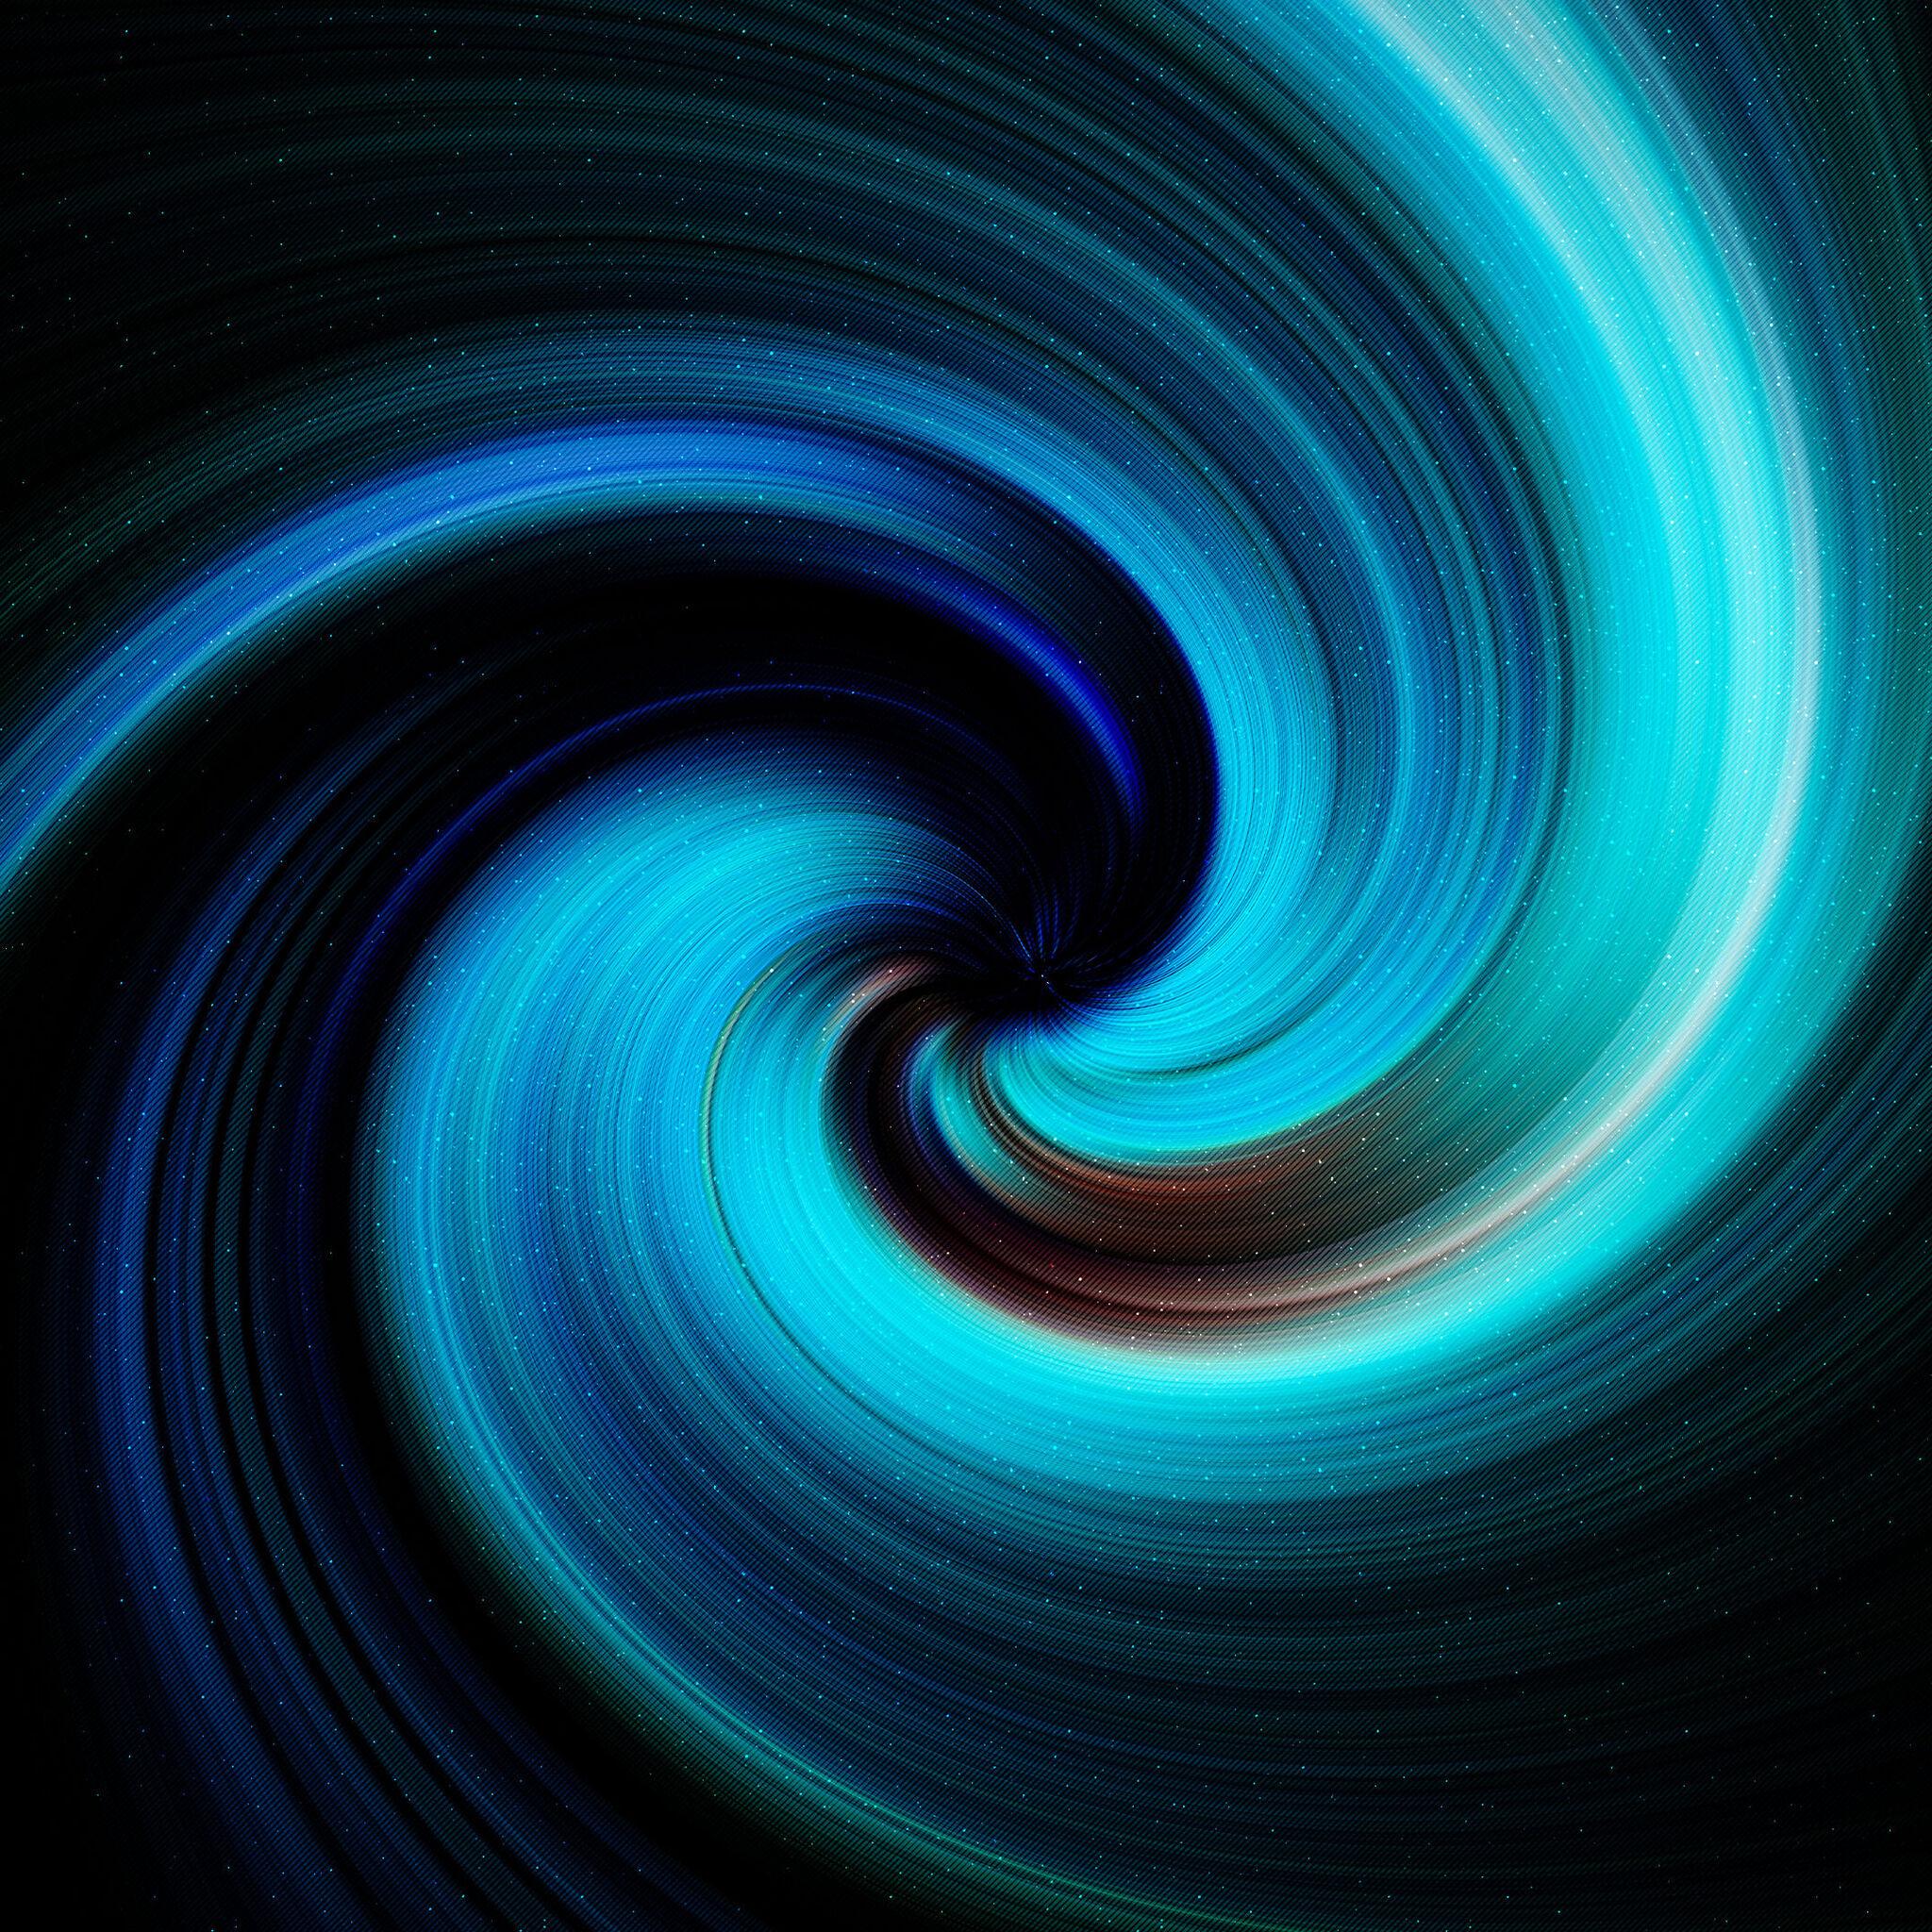 2048x2048 Abstract Spiral Artwork 4k Ipad Air HD 4k